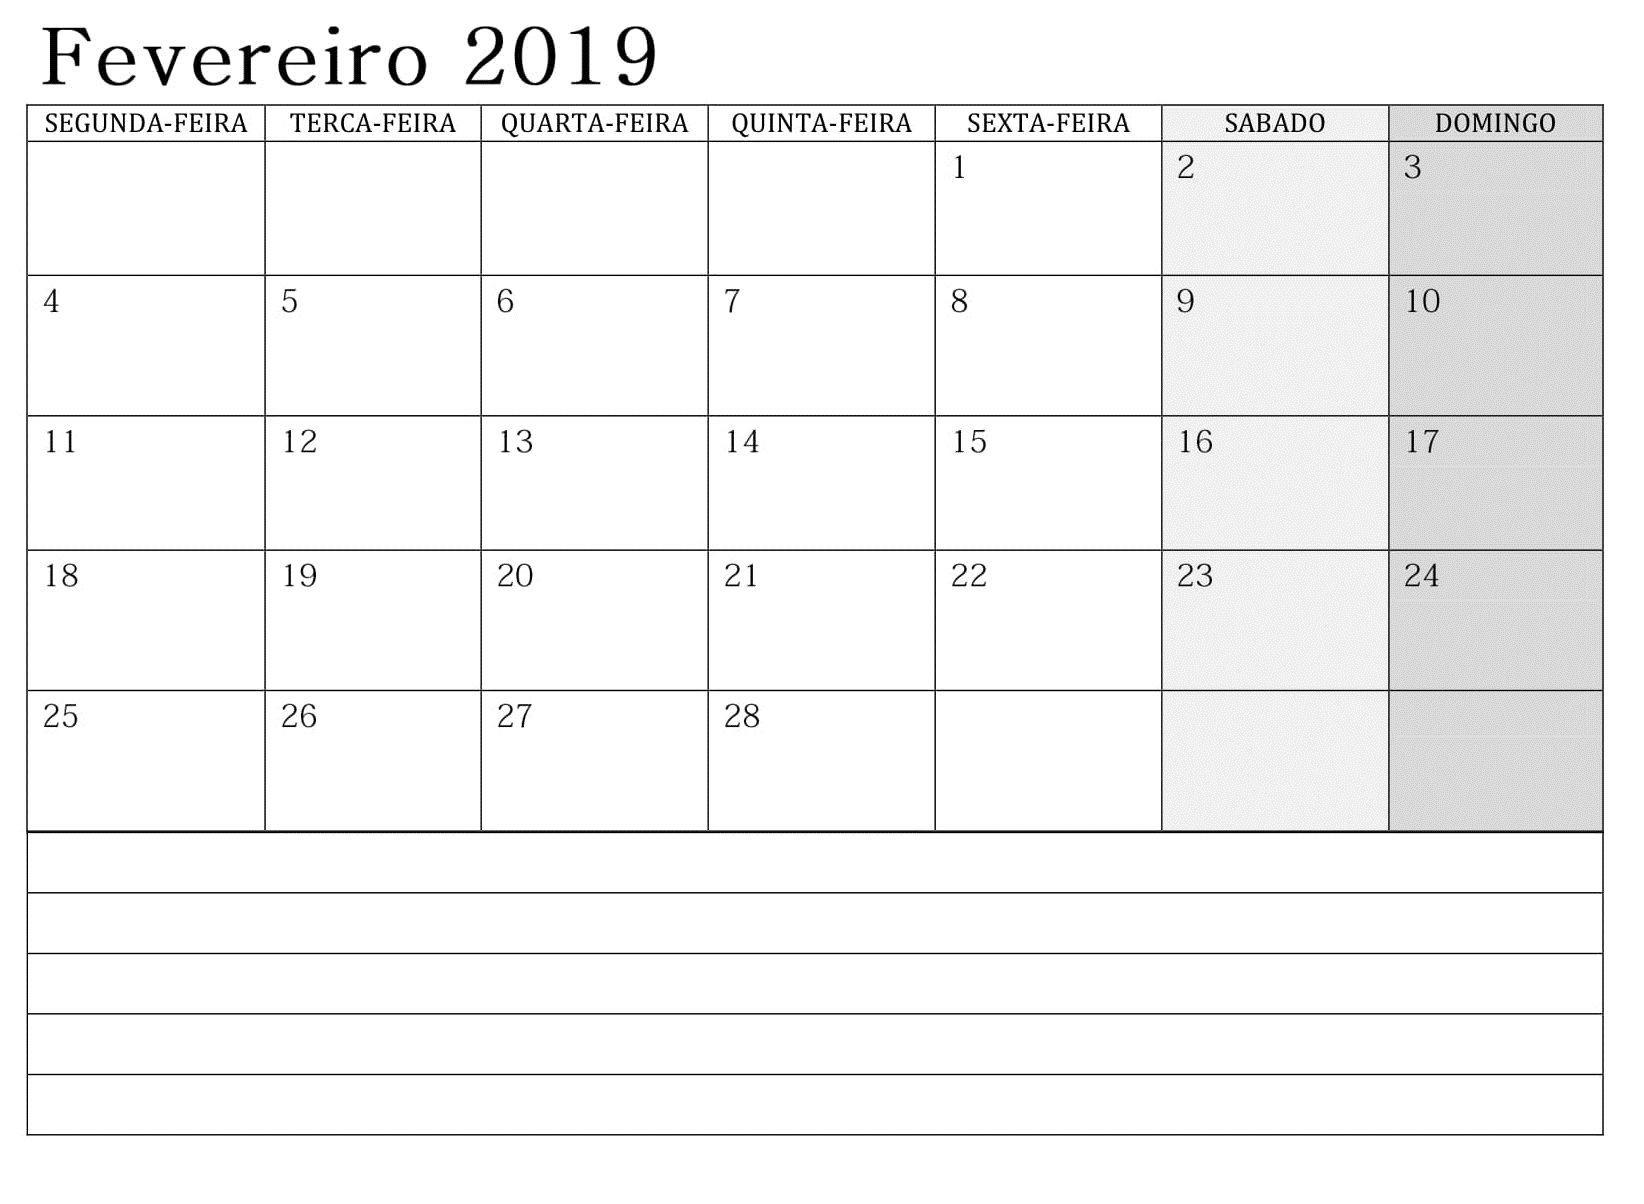 Calendƒ¡rio Fevereiro 2019